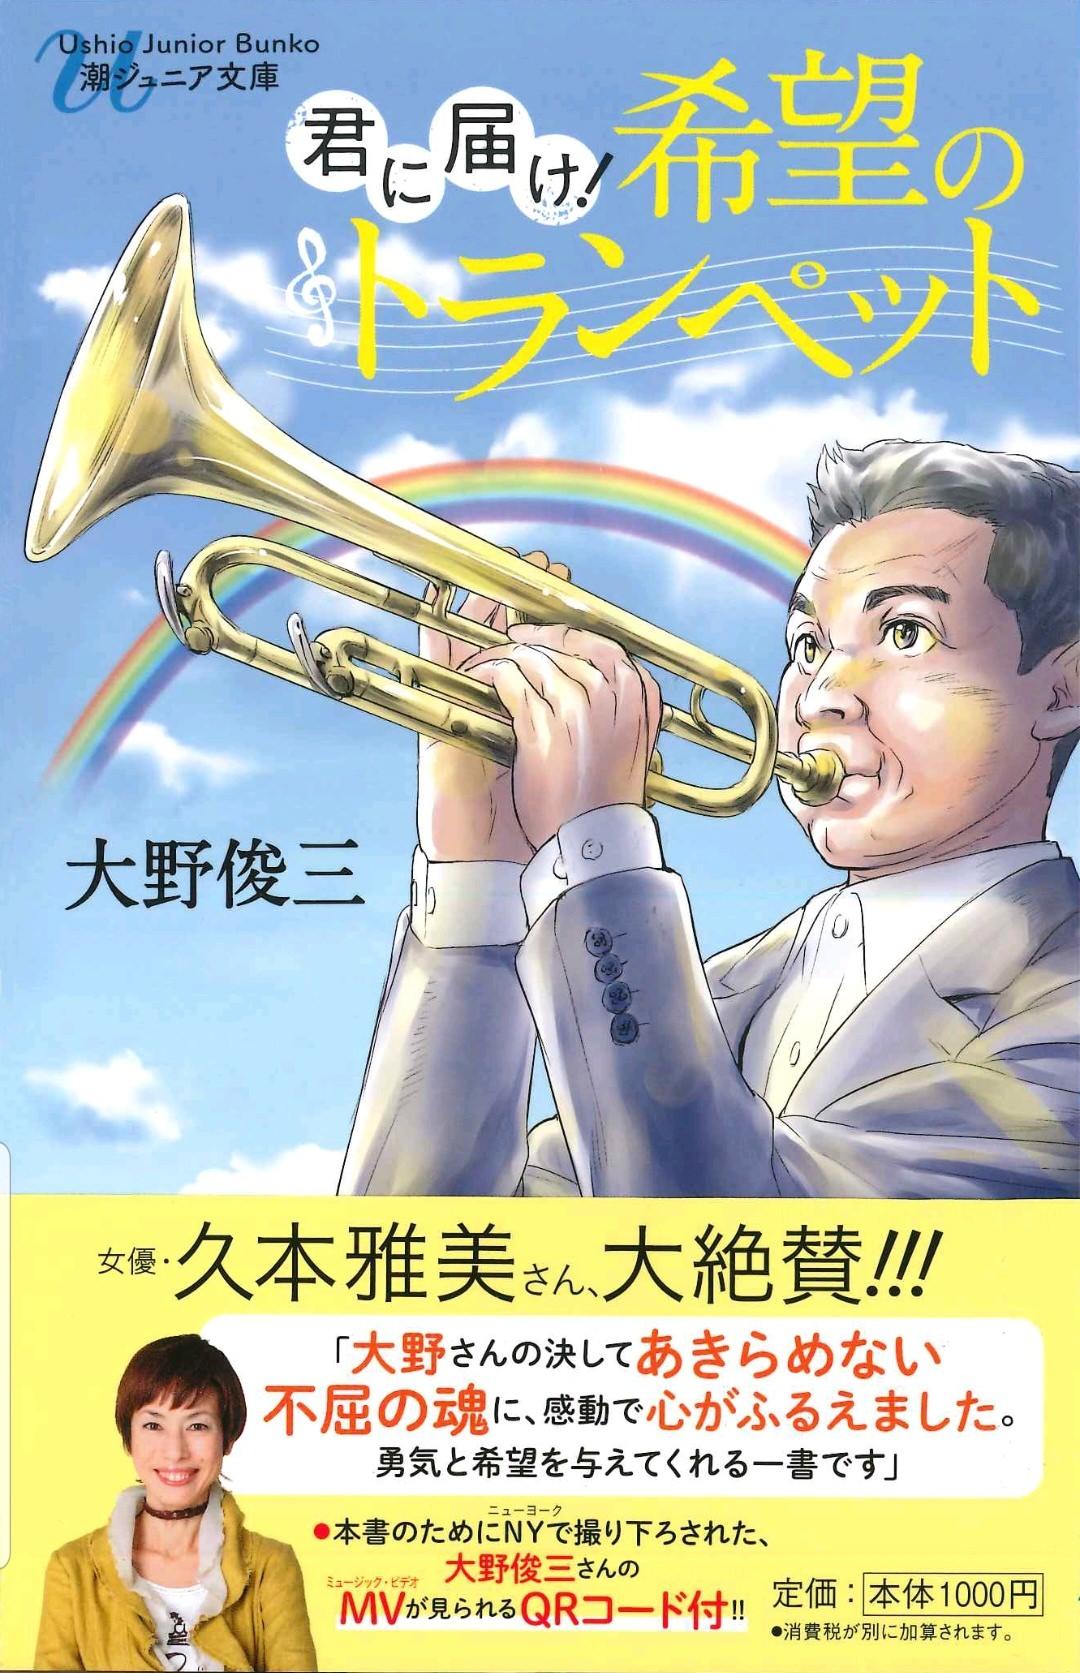 書籍「希望のトランペット」